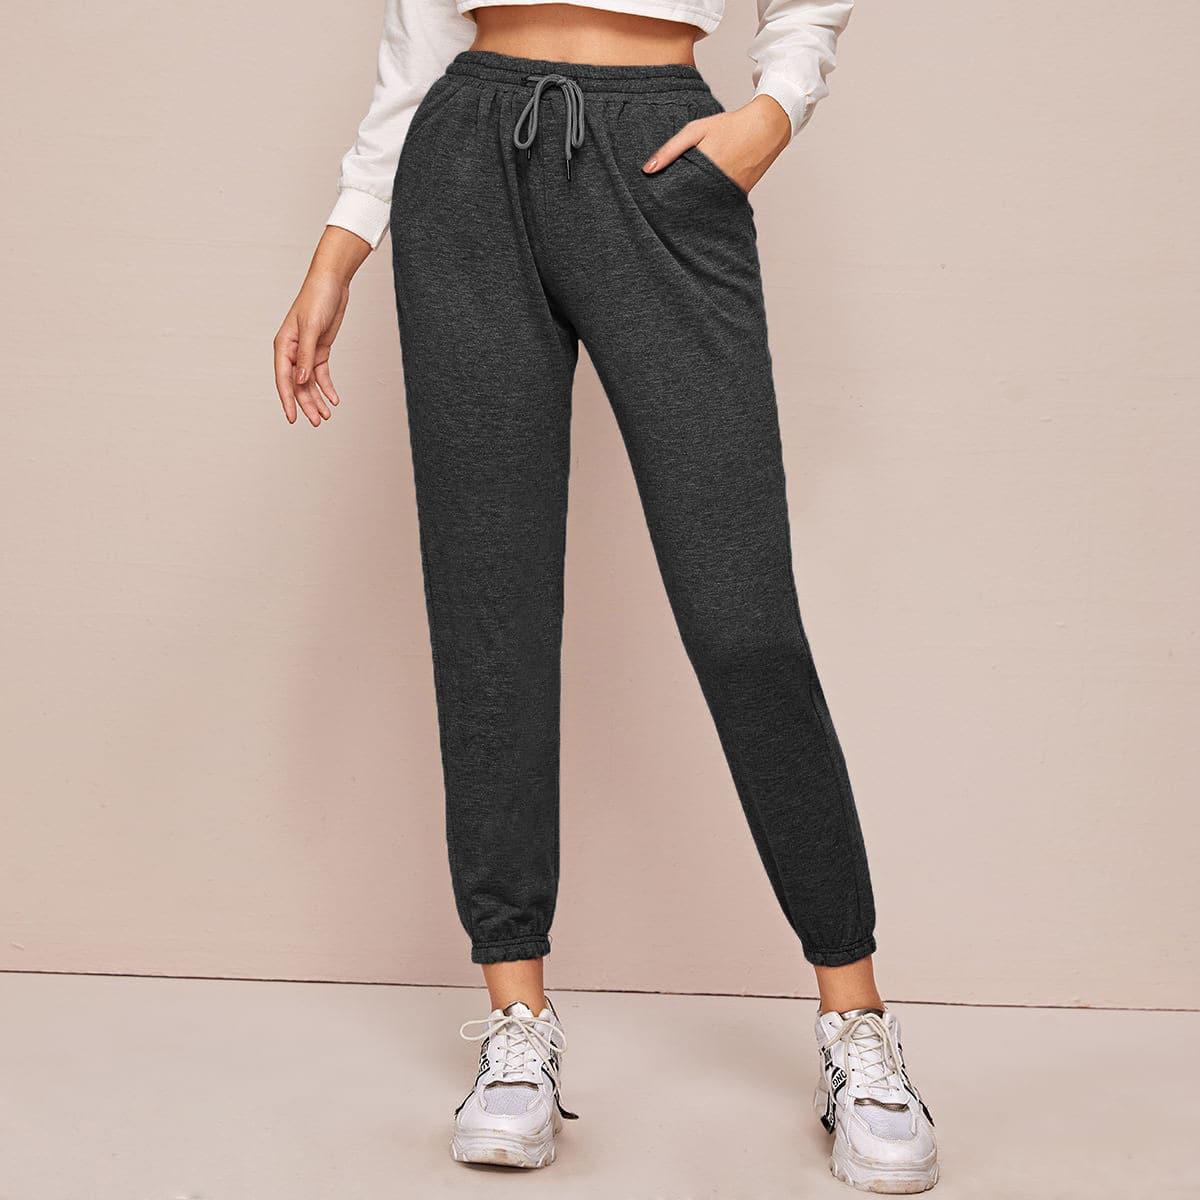 SHEIN / Pantalones deportivos cortos de cintura con cordón